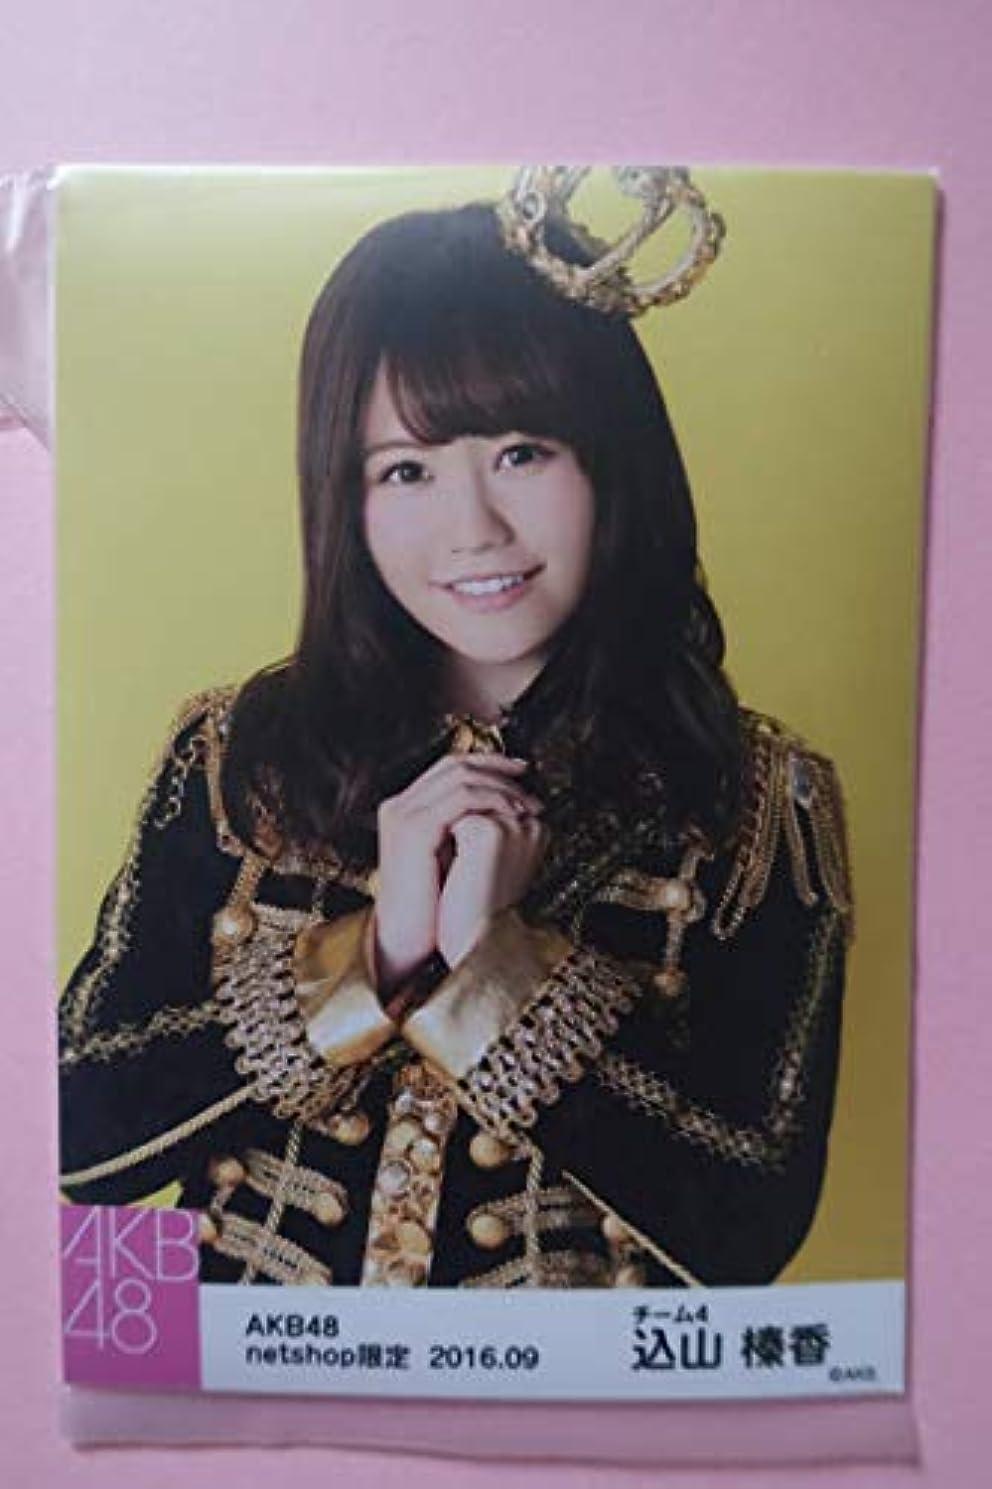 ヘルパー消える思い出AKB48 個別生写真5枚セット 2016.09 込山榛香 グッズ